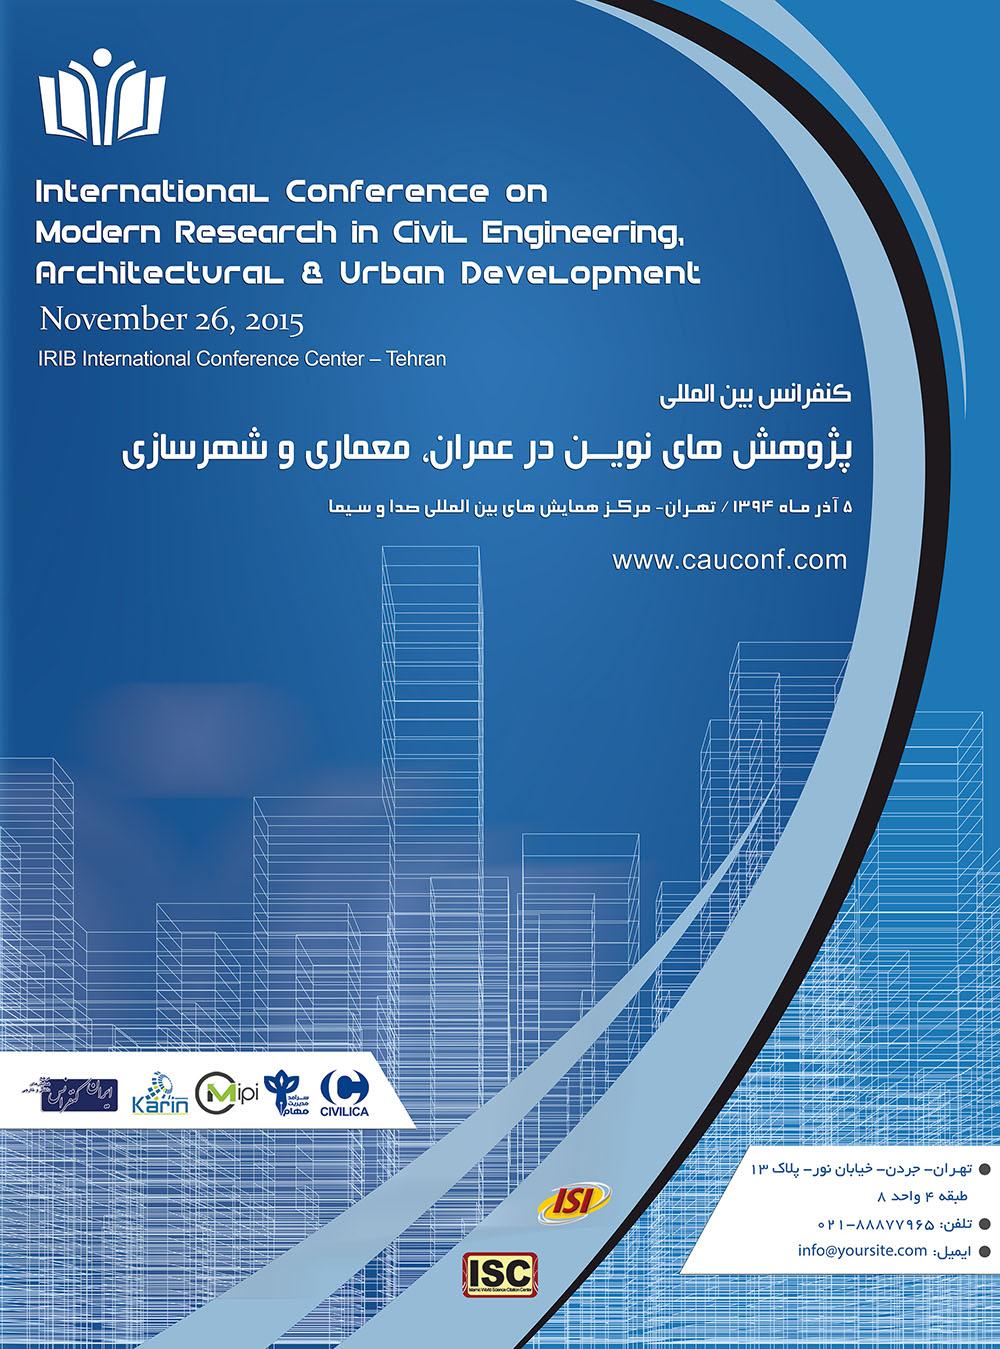 کنفرانس بین المللی پژوهش های نوین در مهندسی عمران، معماری و شهرسازی